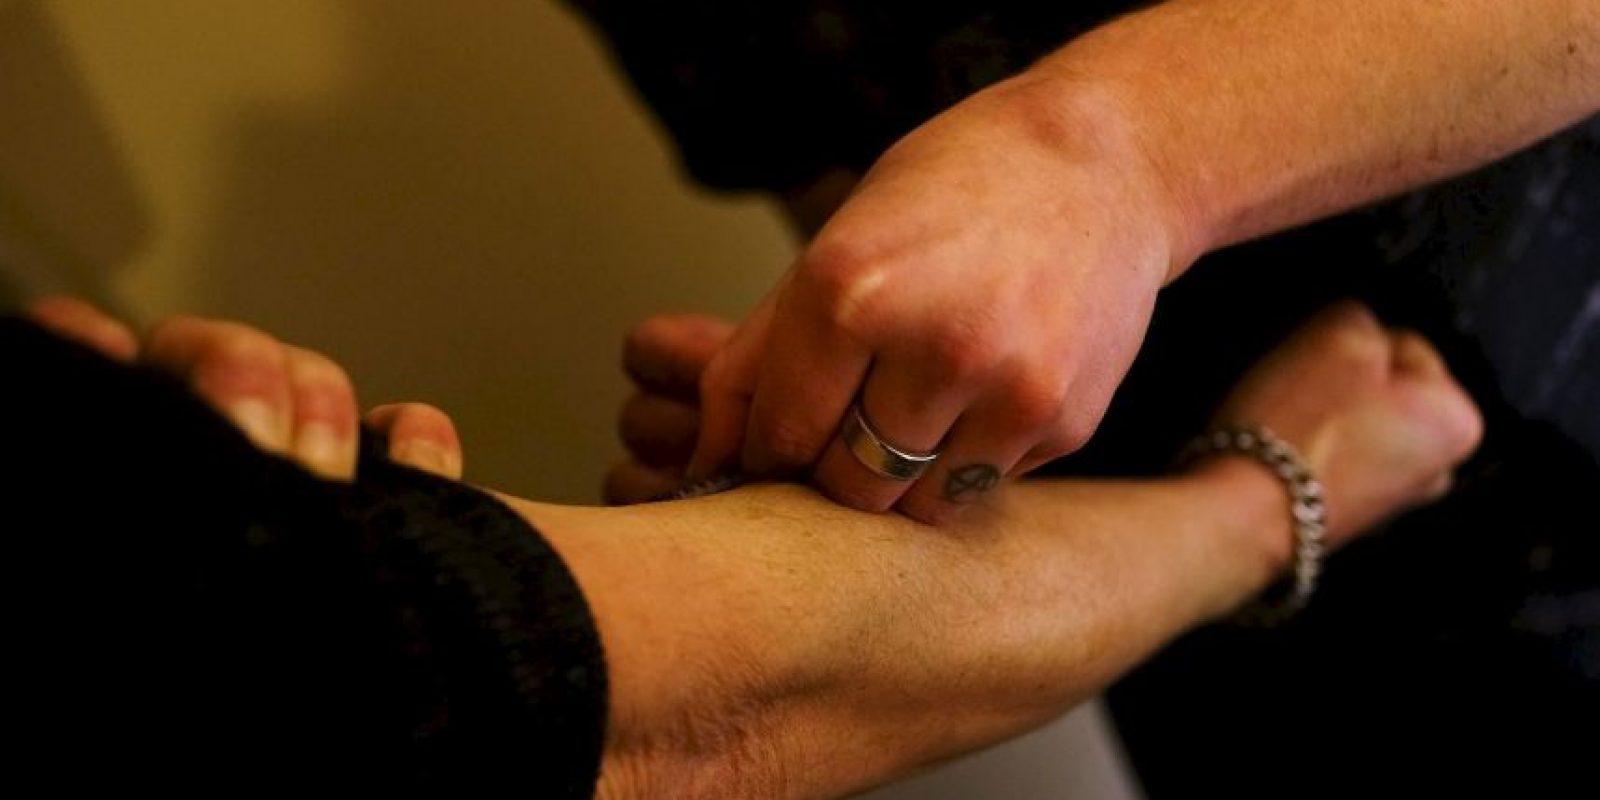 7. Artritis y otros problemas reumatológicos Foto:Getty